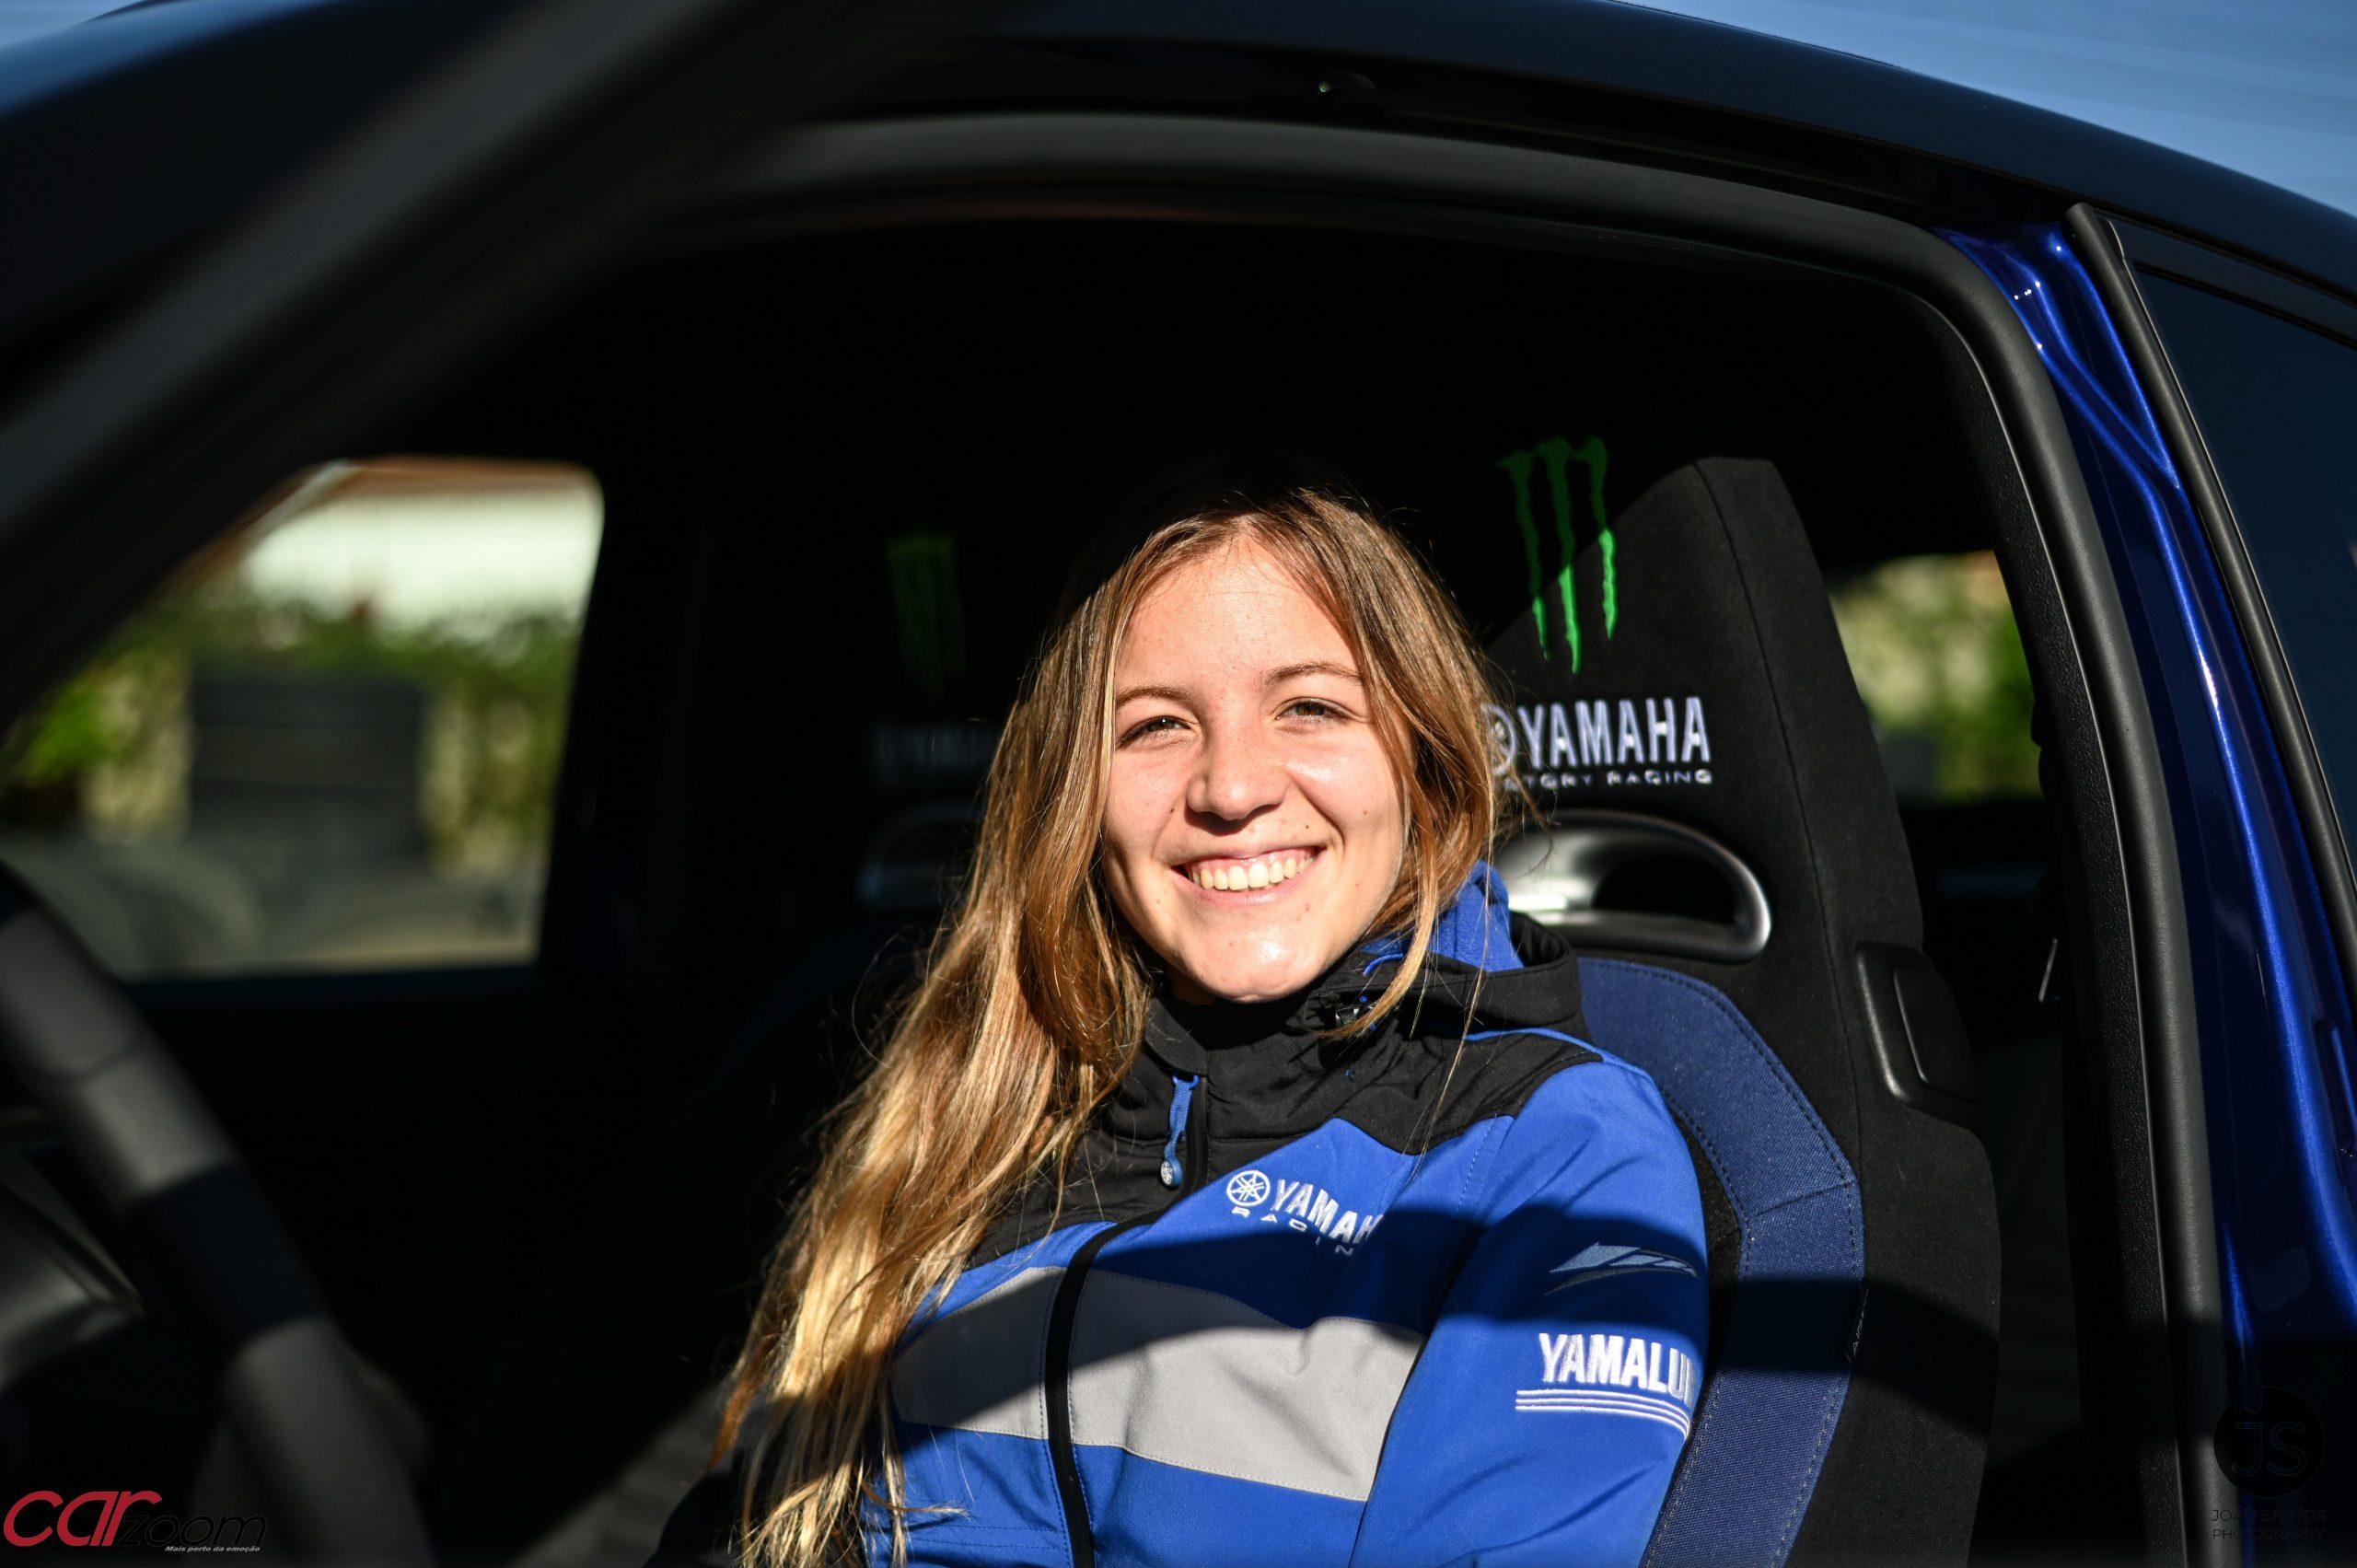 Ensaiámos o Abarth 595 Yamaha com a ajuda da Madalena Simões piloto da Yamaha Motor 7! 30